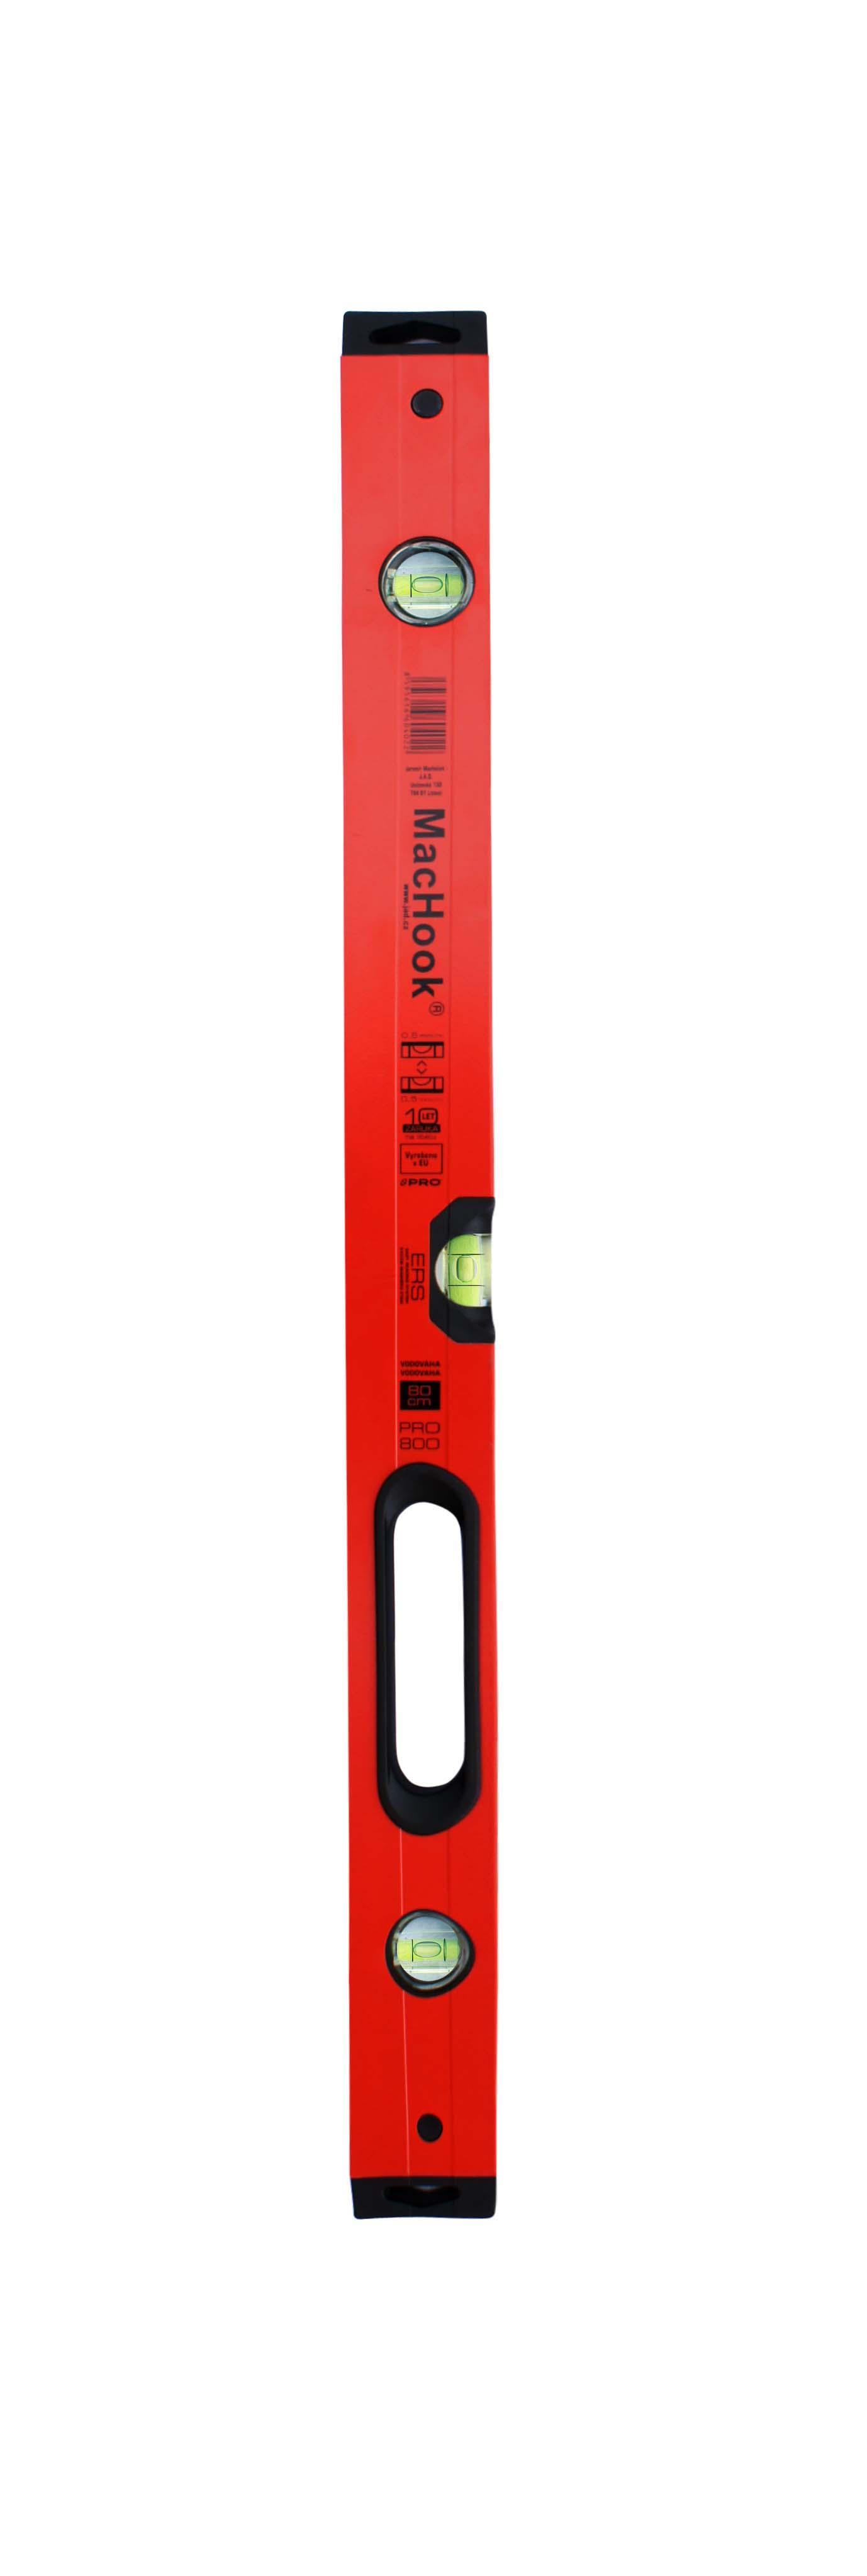 J.A.D. Tools vodováha 80 cm, úchyt, 3 libely